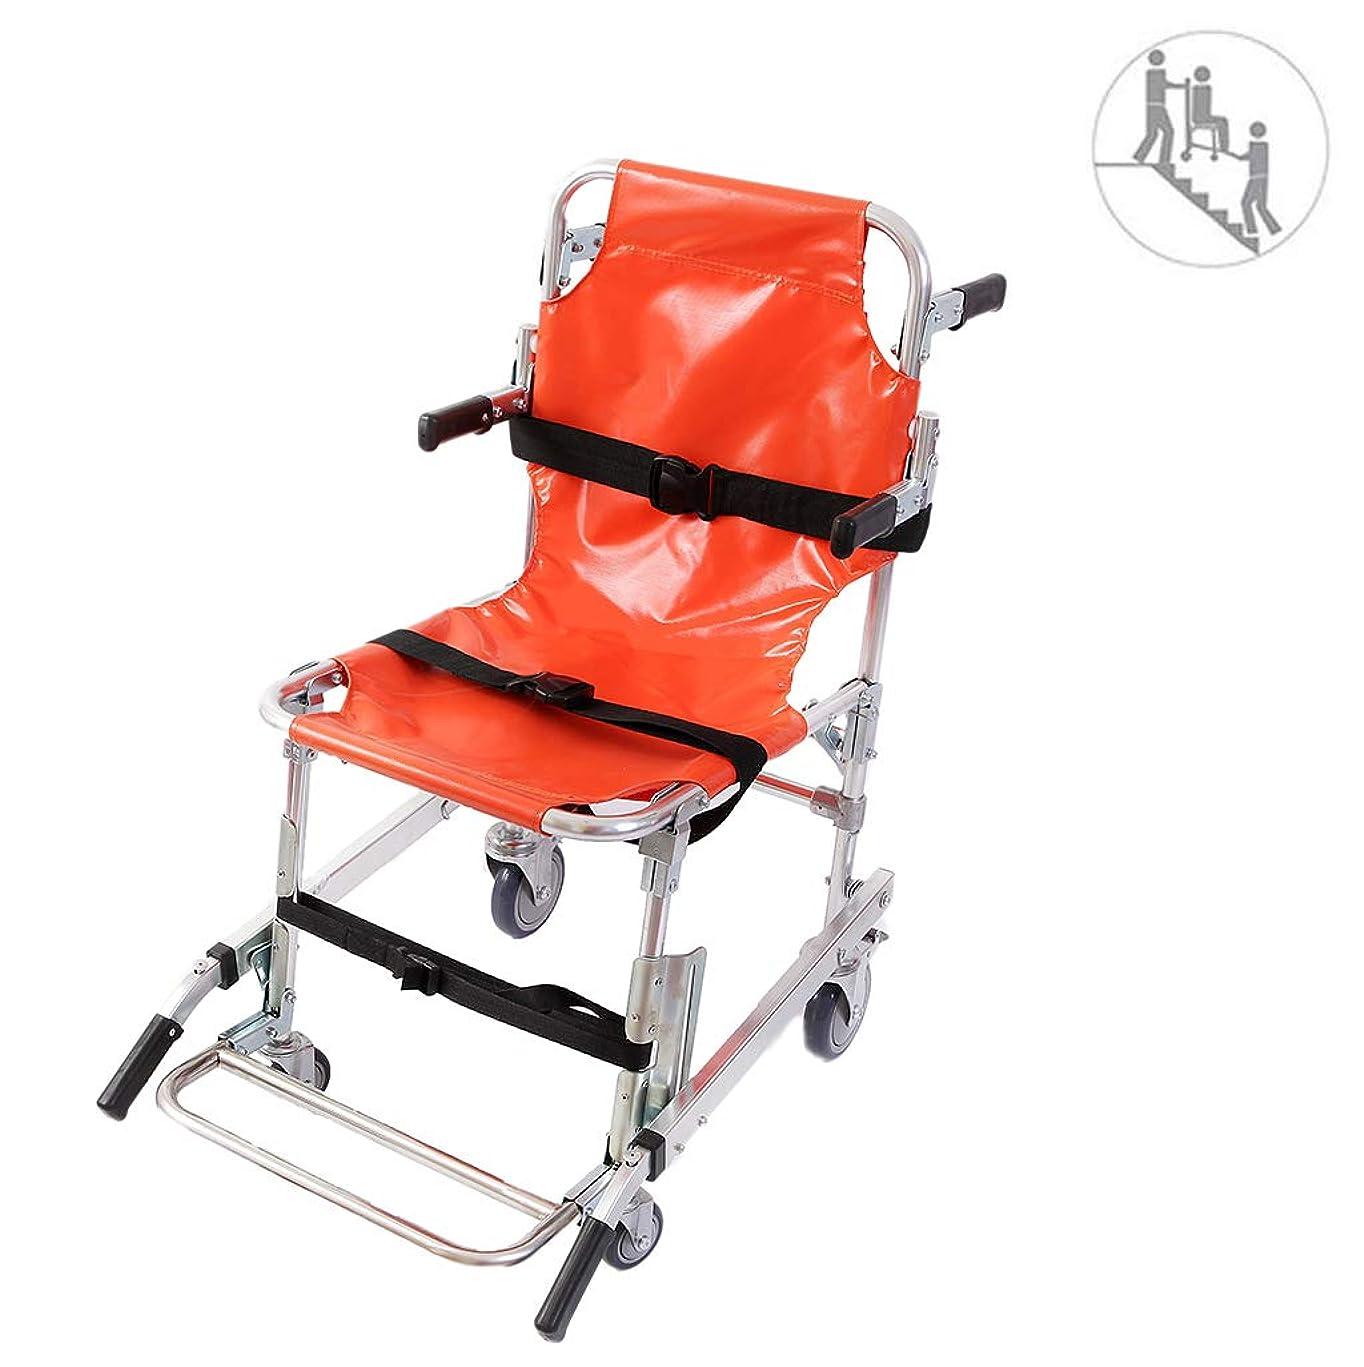 少年他の場所うめきEMS階段椅子4つの車輪で、救急車避難医療輸送椅子患者拘束ストラップ付き350ポンドの容量